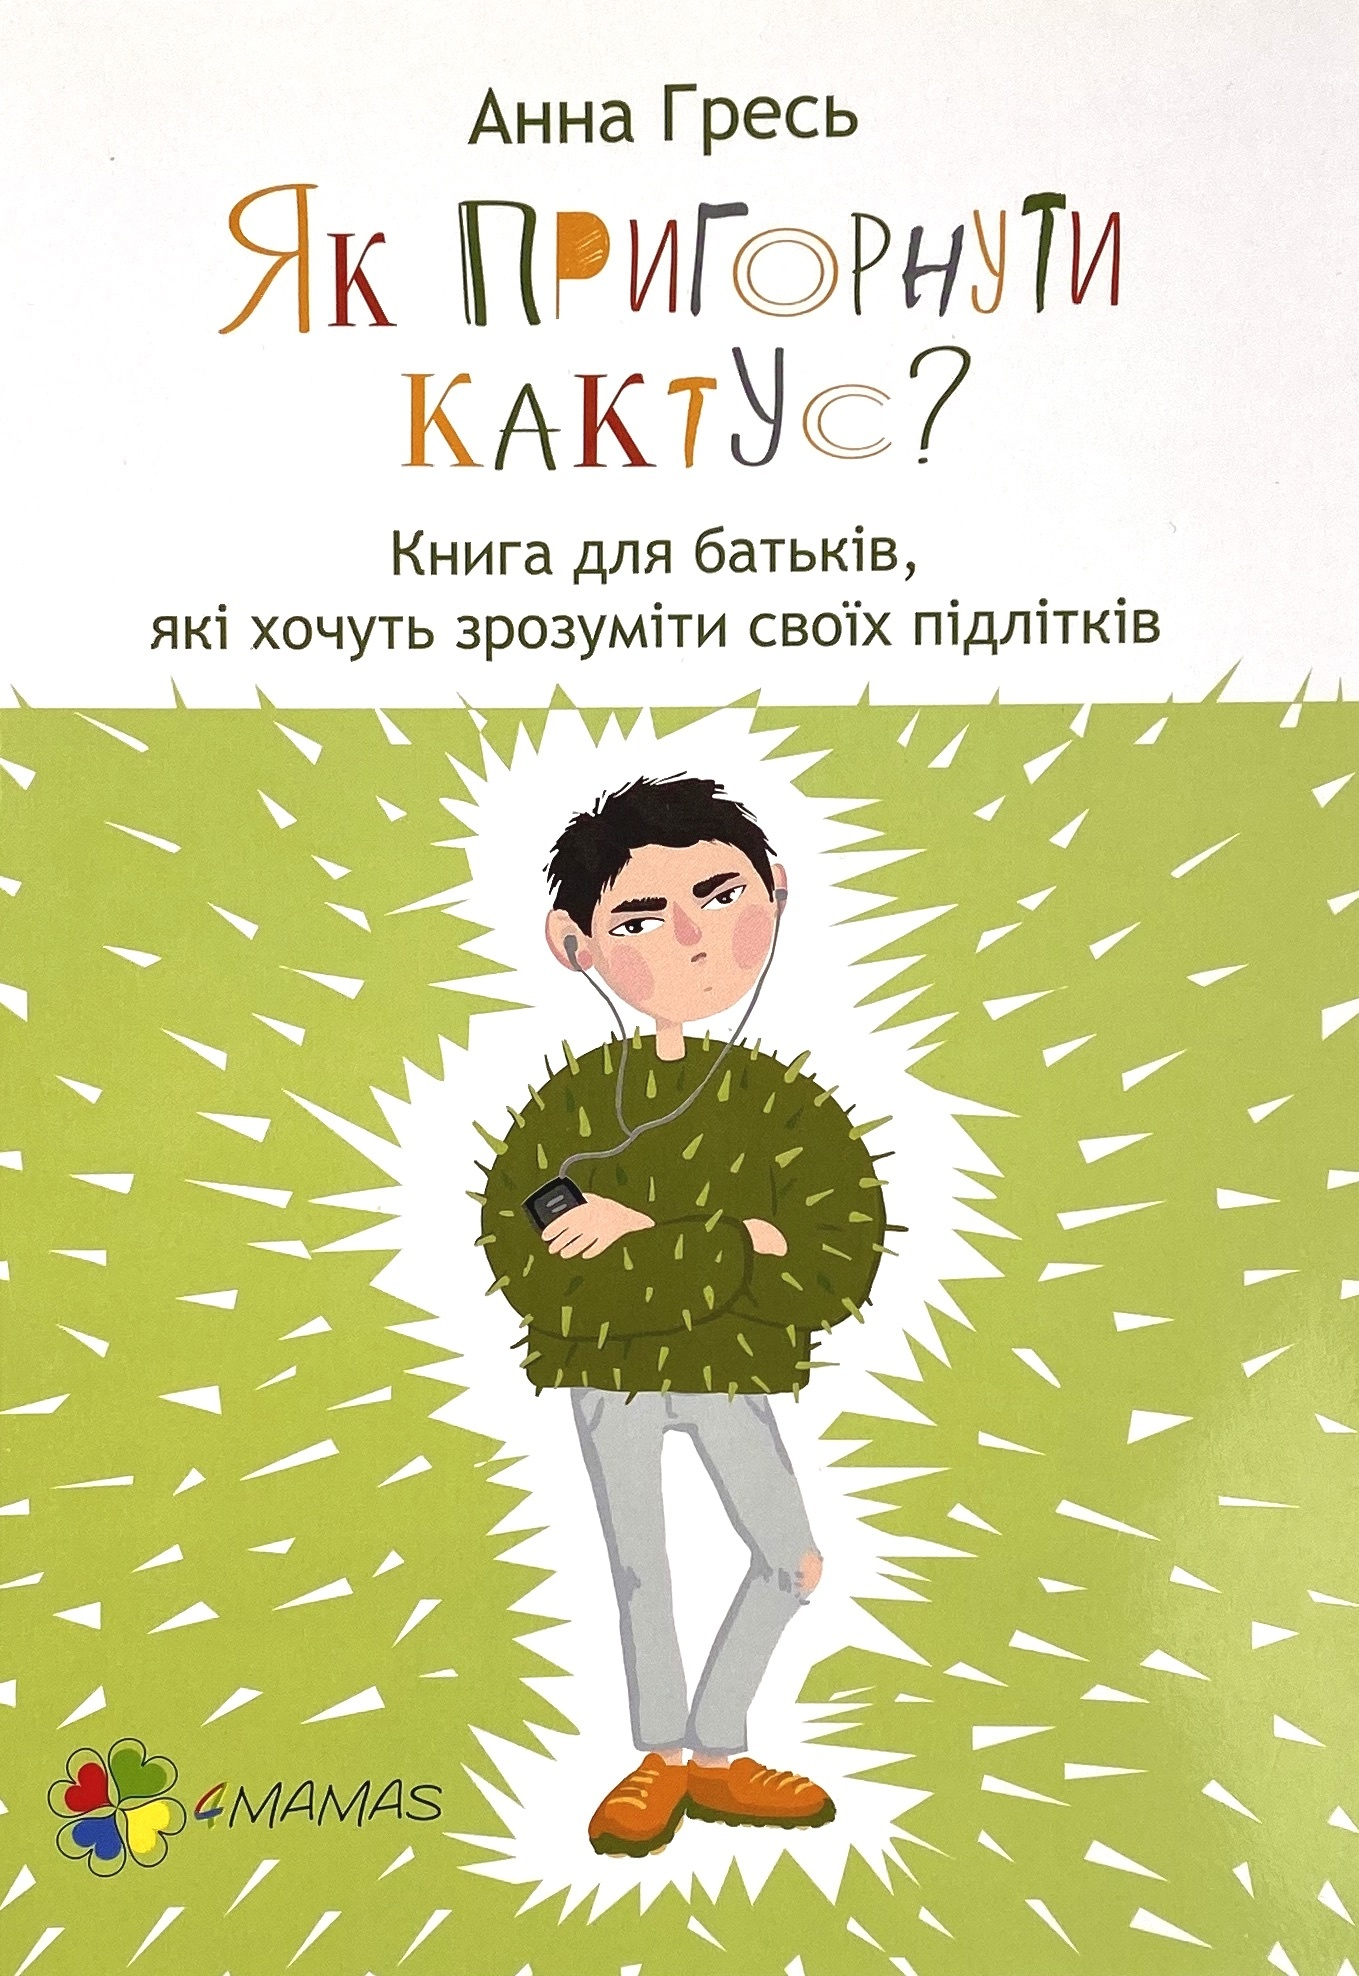 Як пригорнути кактус? Книга для батьків, які хочуть зрозуміти своїх підлітків